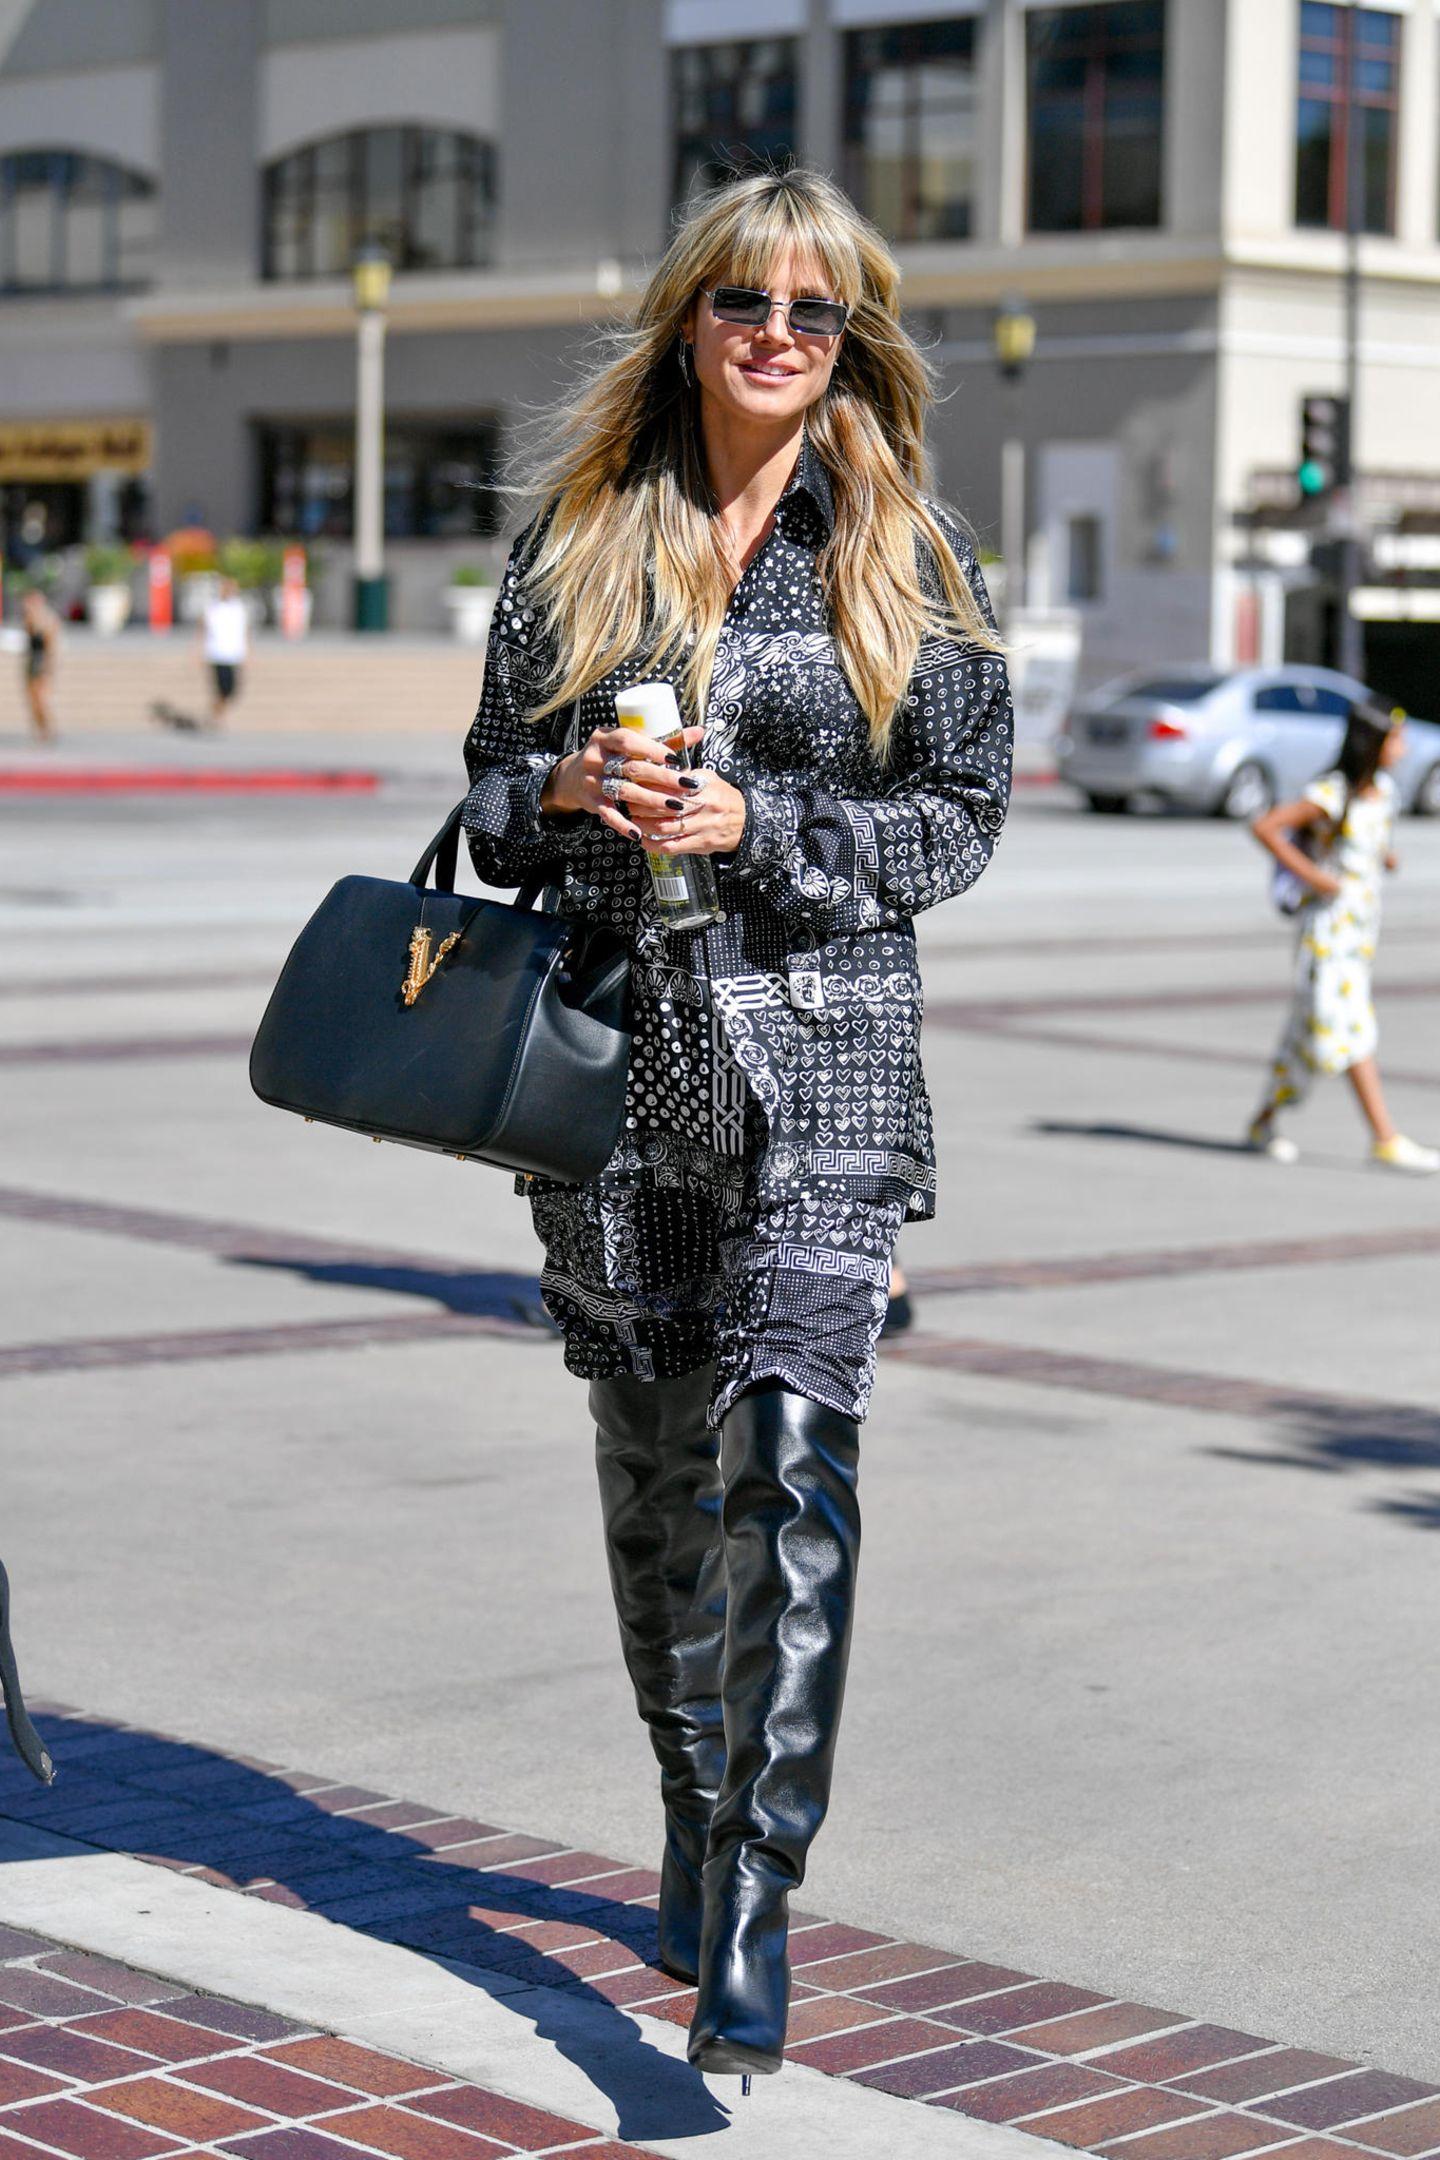 Wozu sich unnötig vieleGedanken um das Tagesoutfit machen, wenn man doch gleich seinen Pyjama anlassen kann. Das denkt sich offenbar auch Heidi Klum, die durch Los Angeles in einem Designer-Zweiteiler spaziert. Die langen Hosenbeine stecken in sexy Overknees, das XL-Shirt hängt lässig über der Hose. Ein Pyjama, der hier als Style-Element und weniger als Schlafutensil genutzt wird.